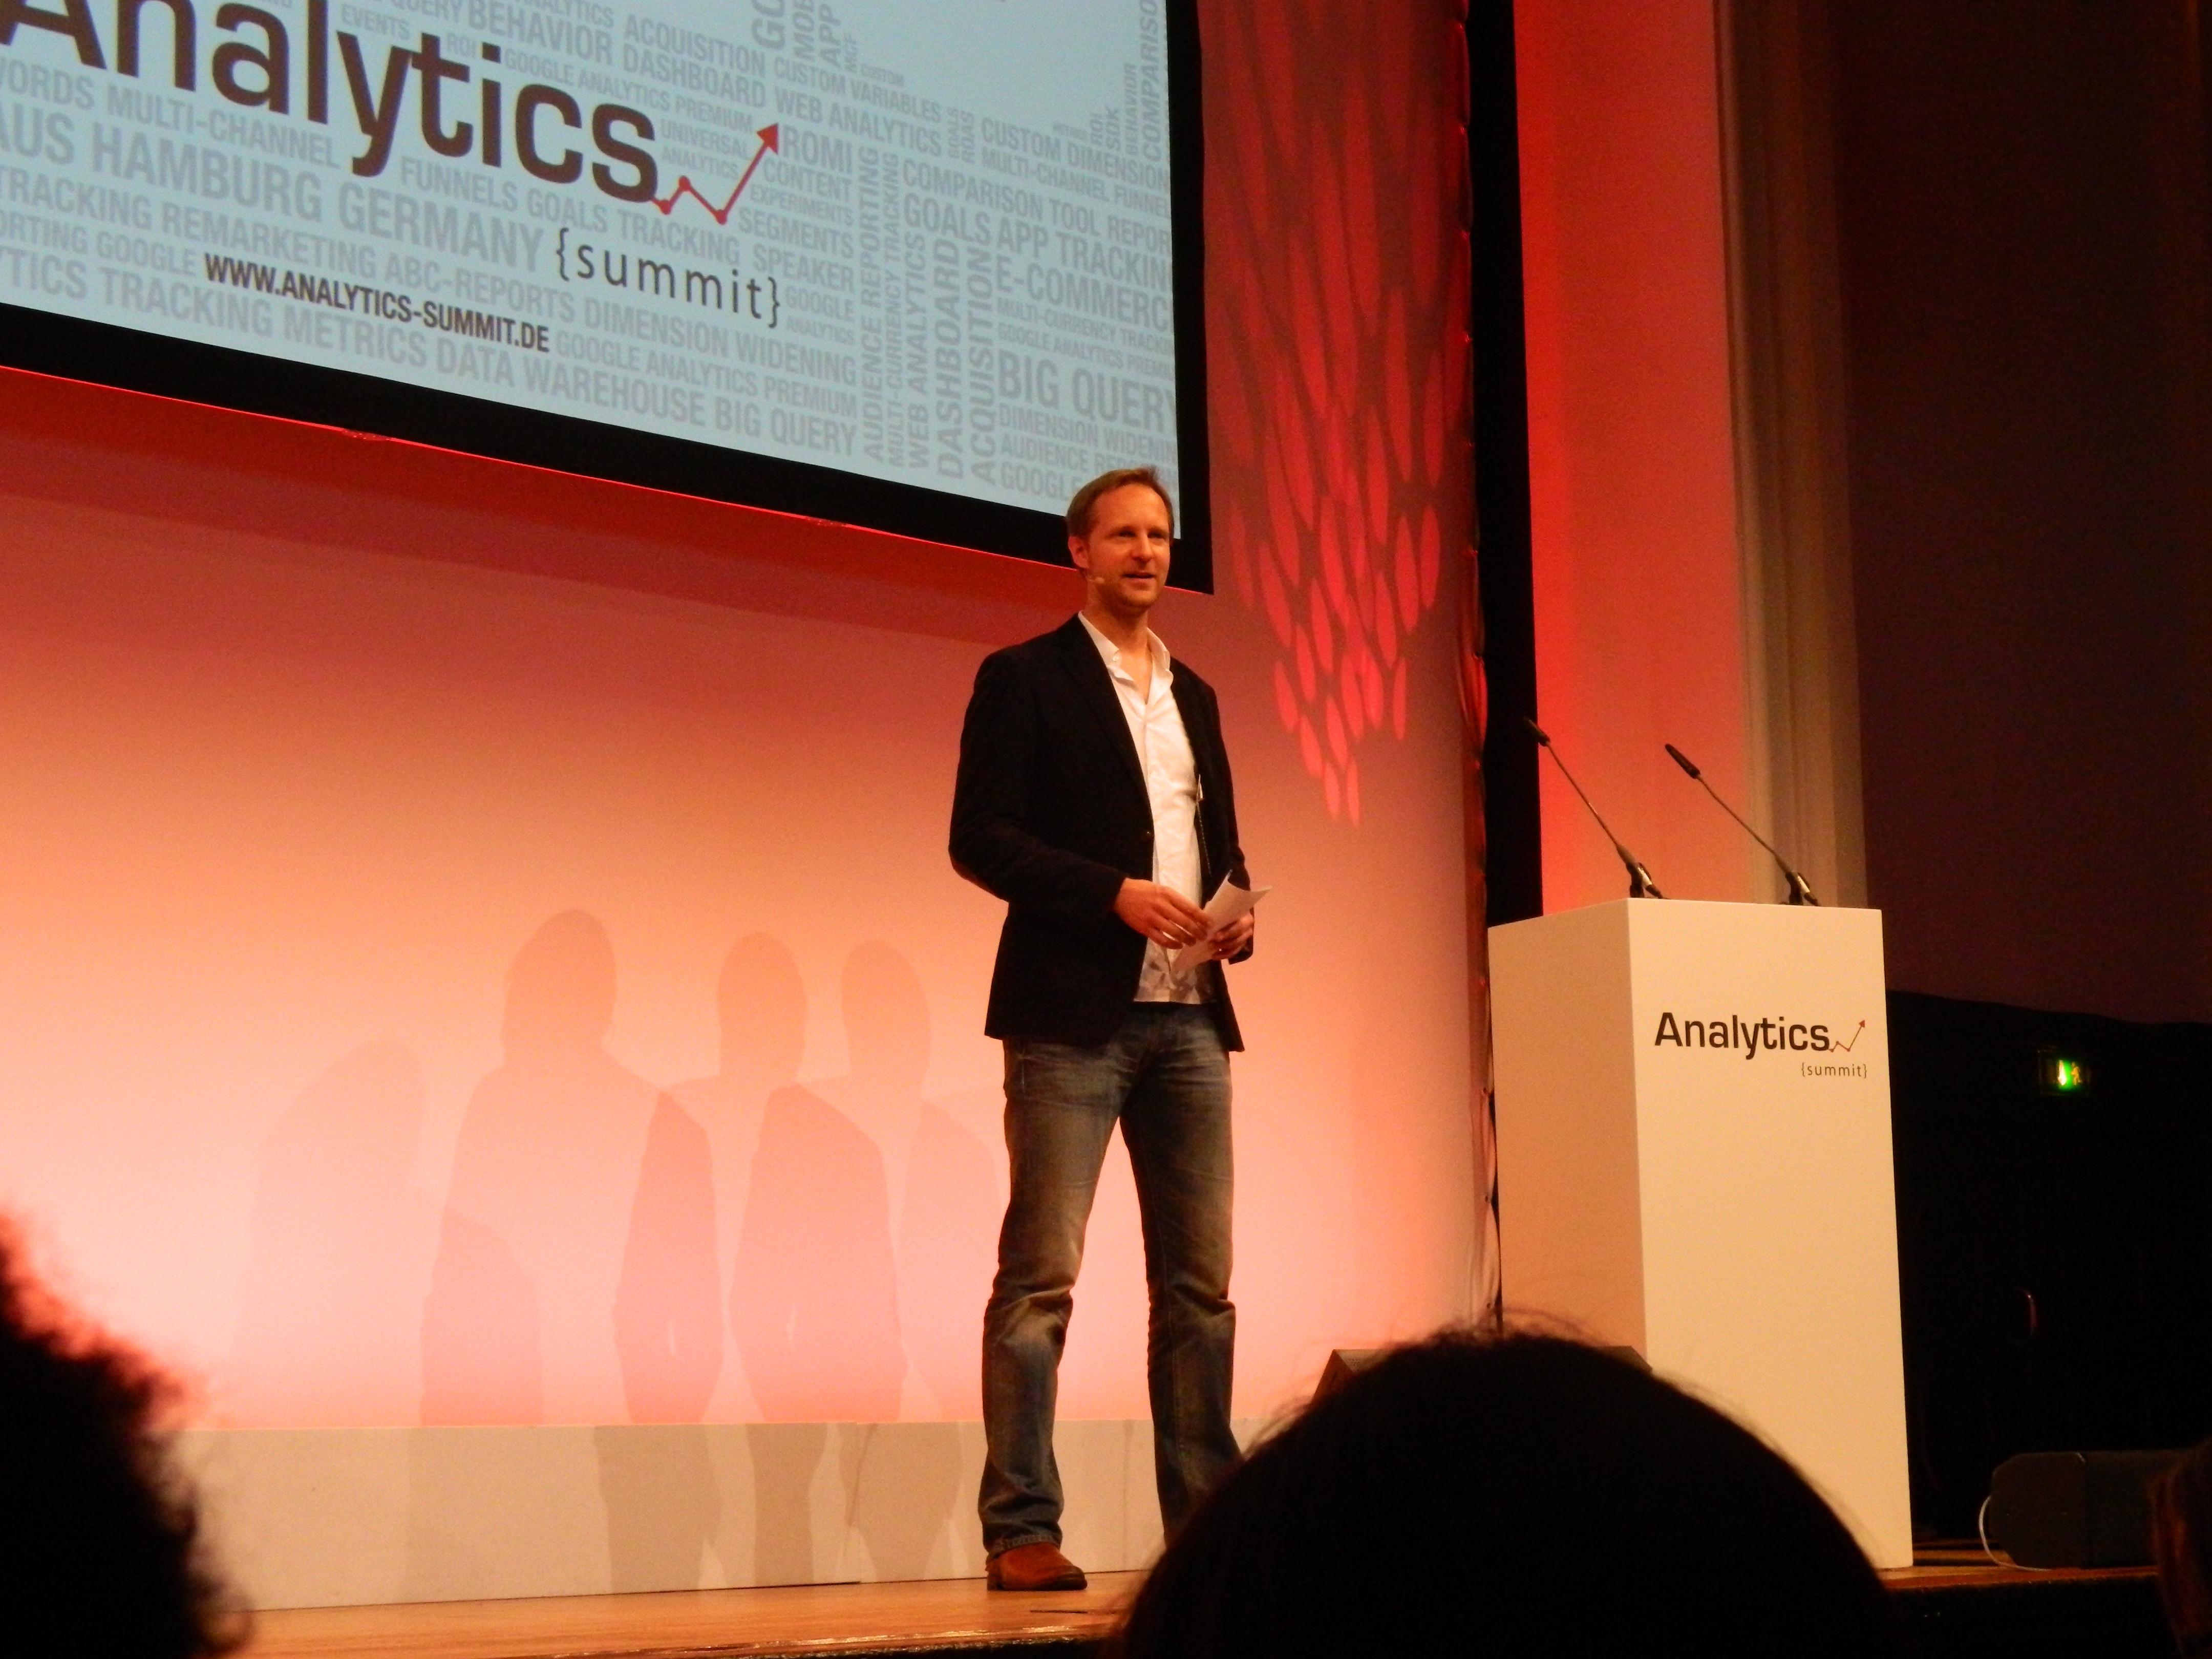 Timo Aden bei der Eröffnung des Analytics Summit 2013